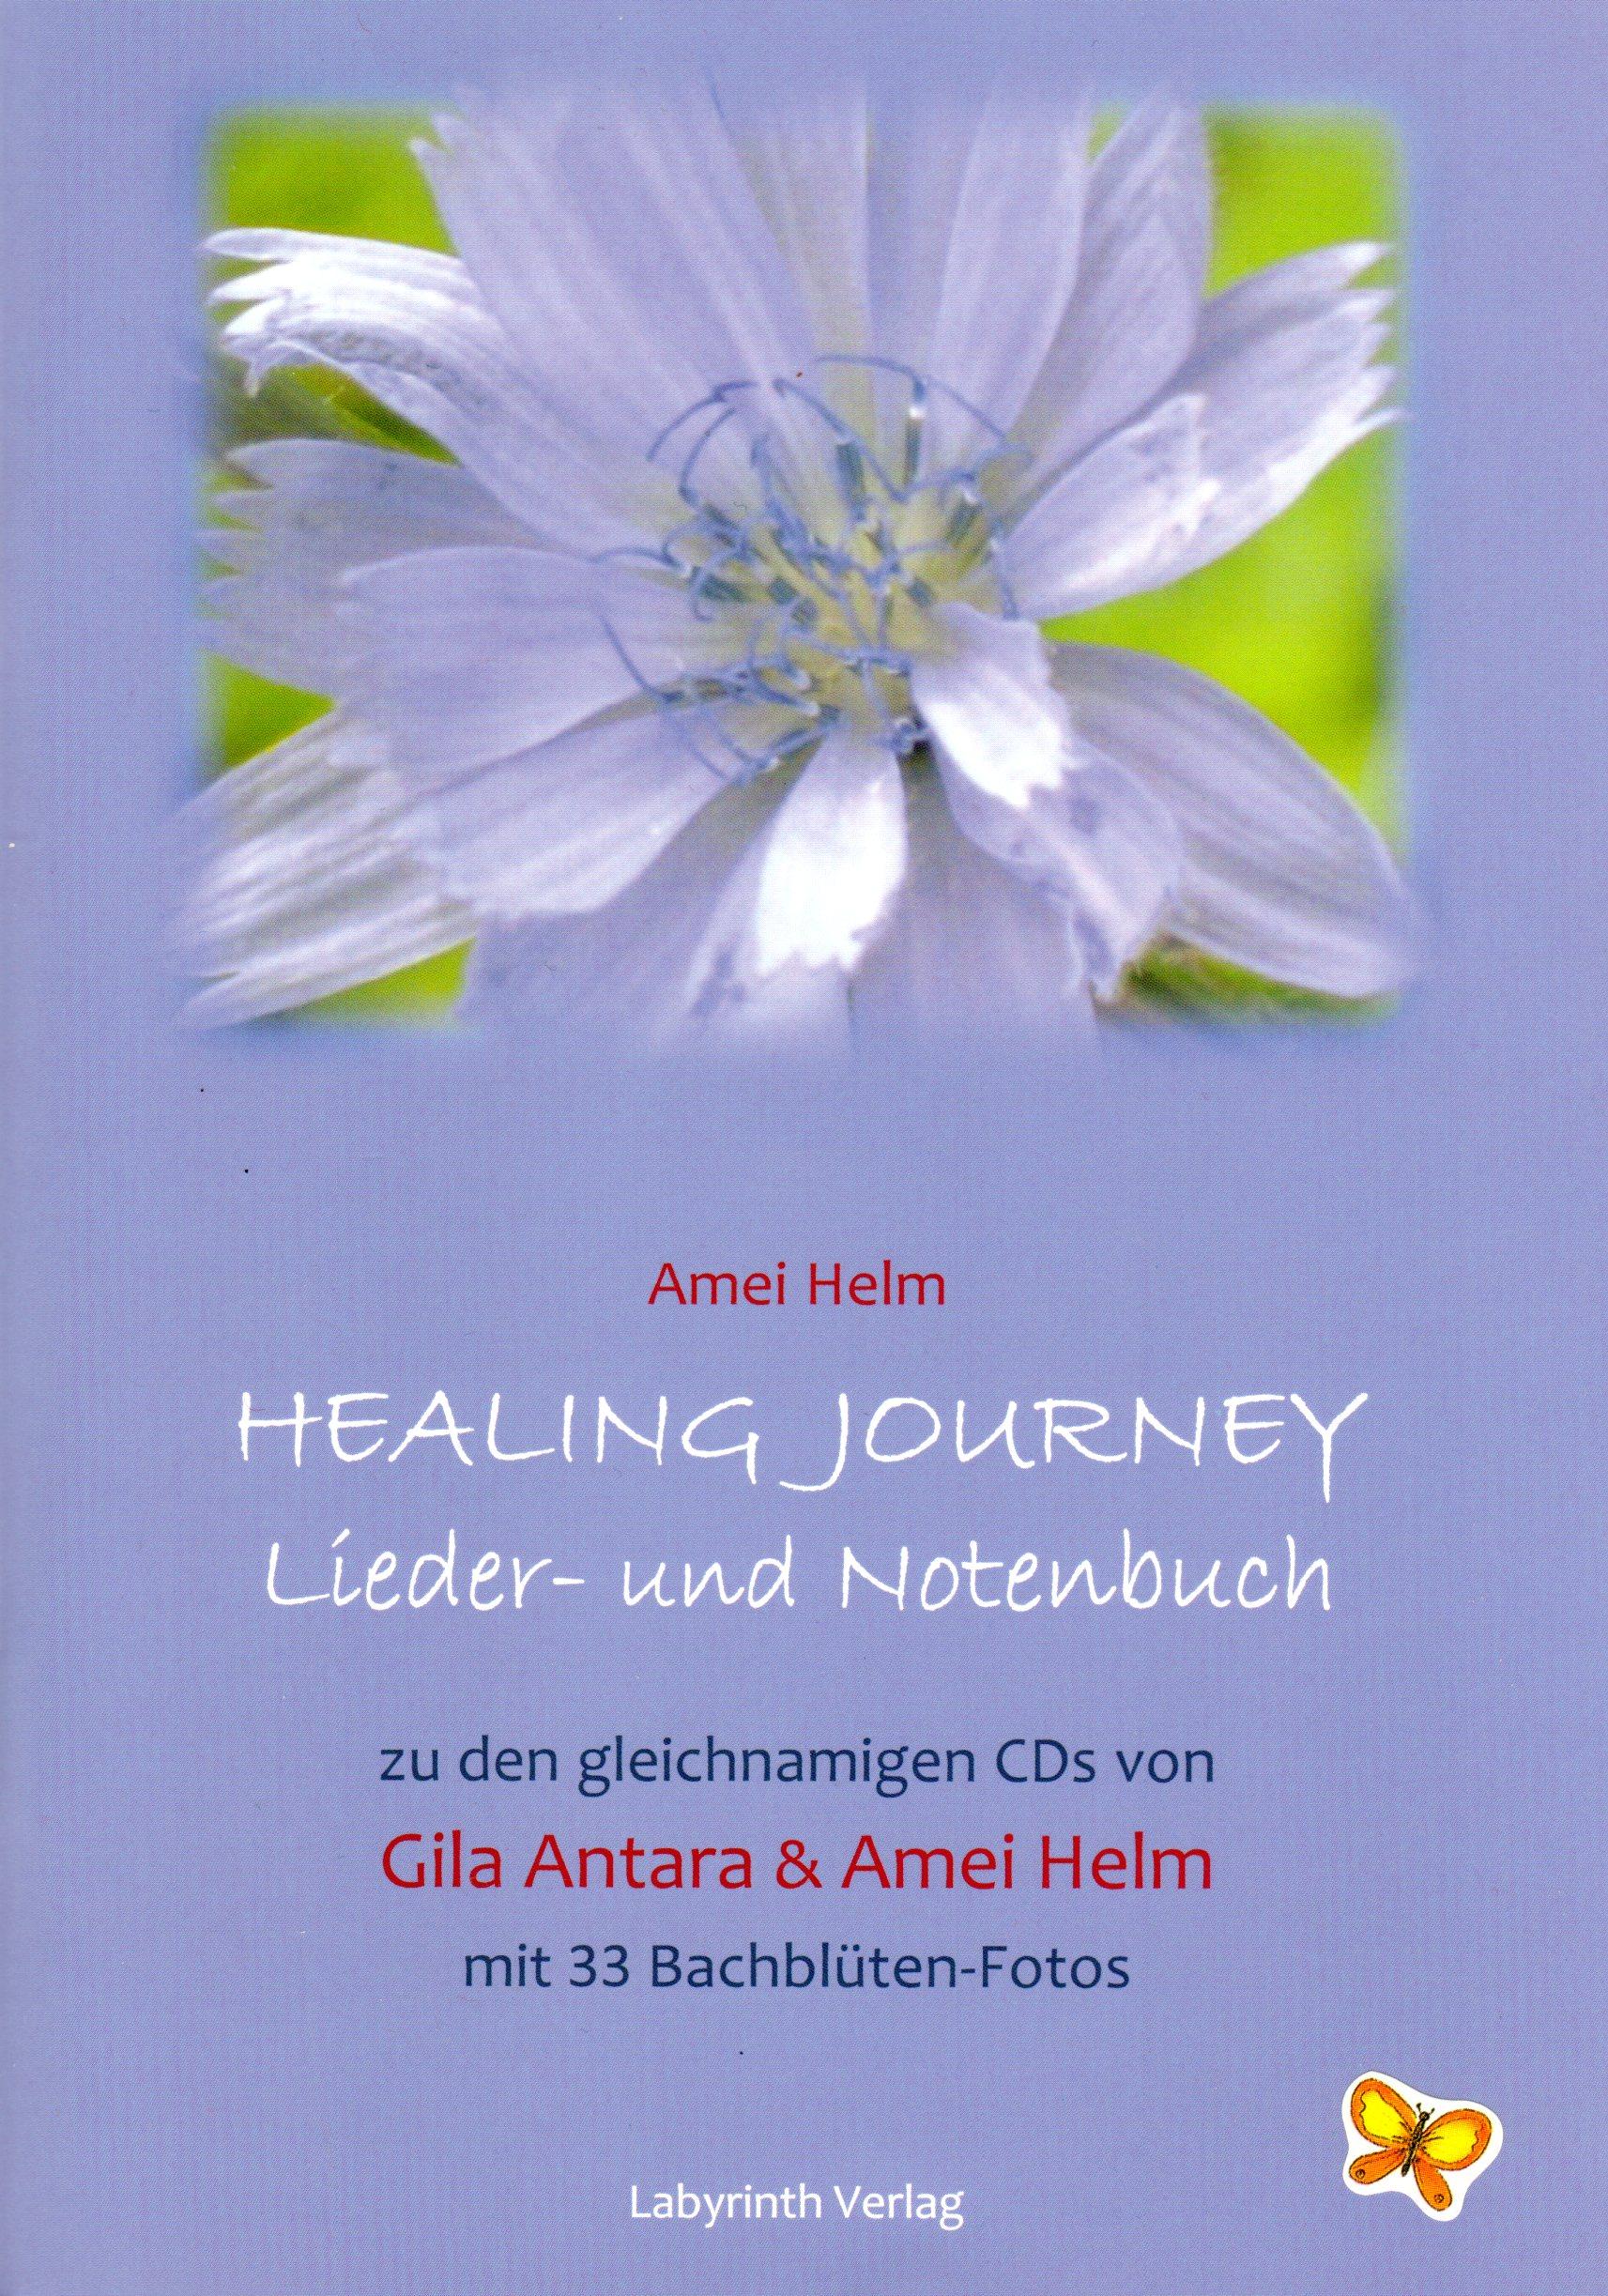 Healing Journey Lieder- und Notenbuch